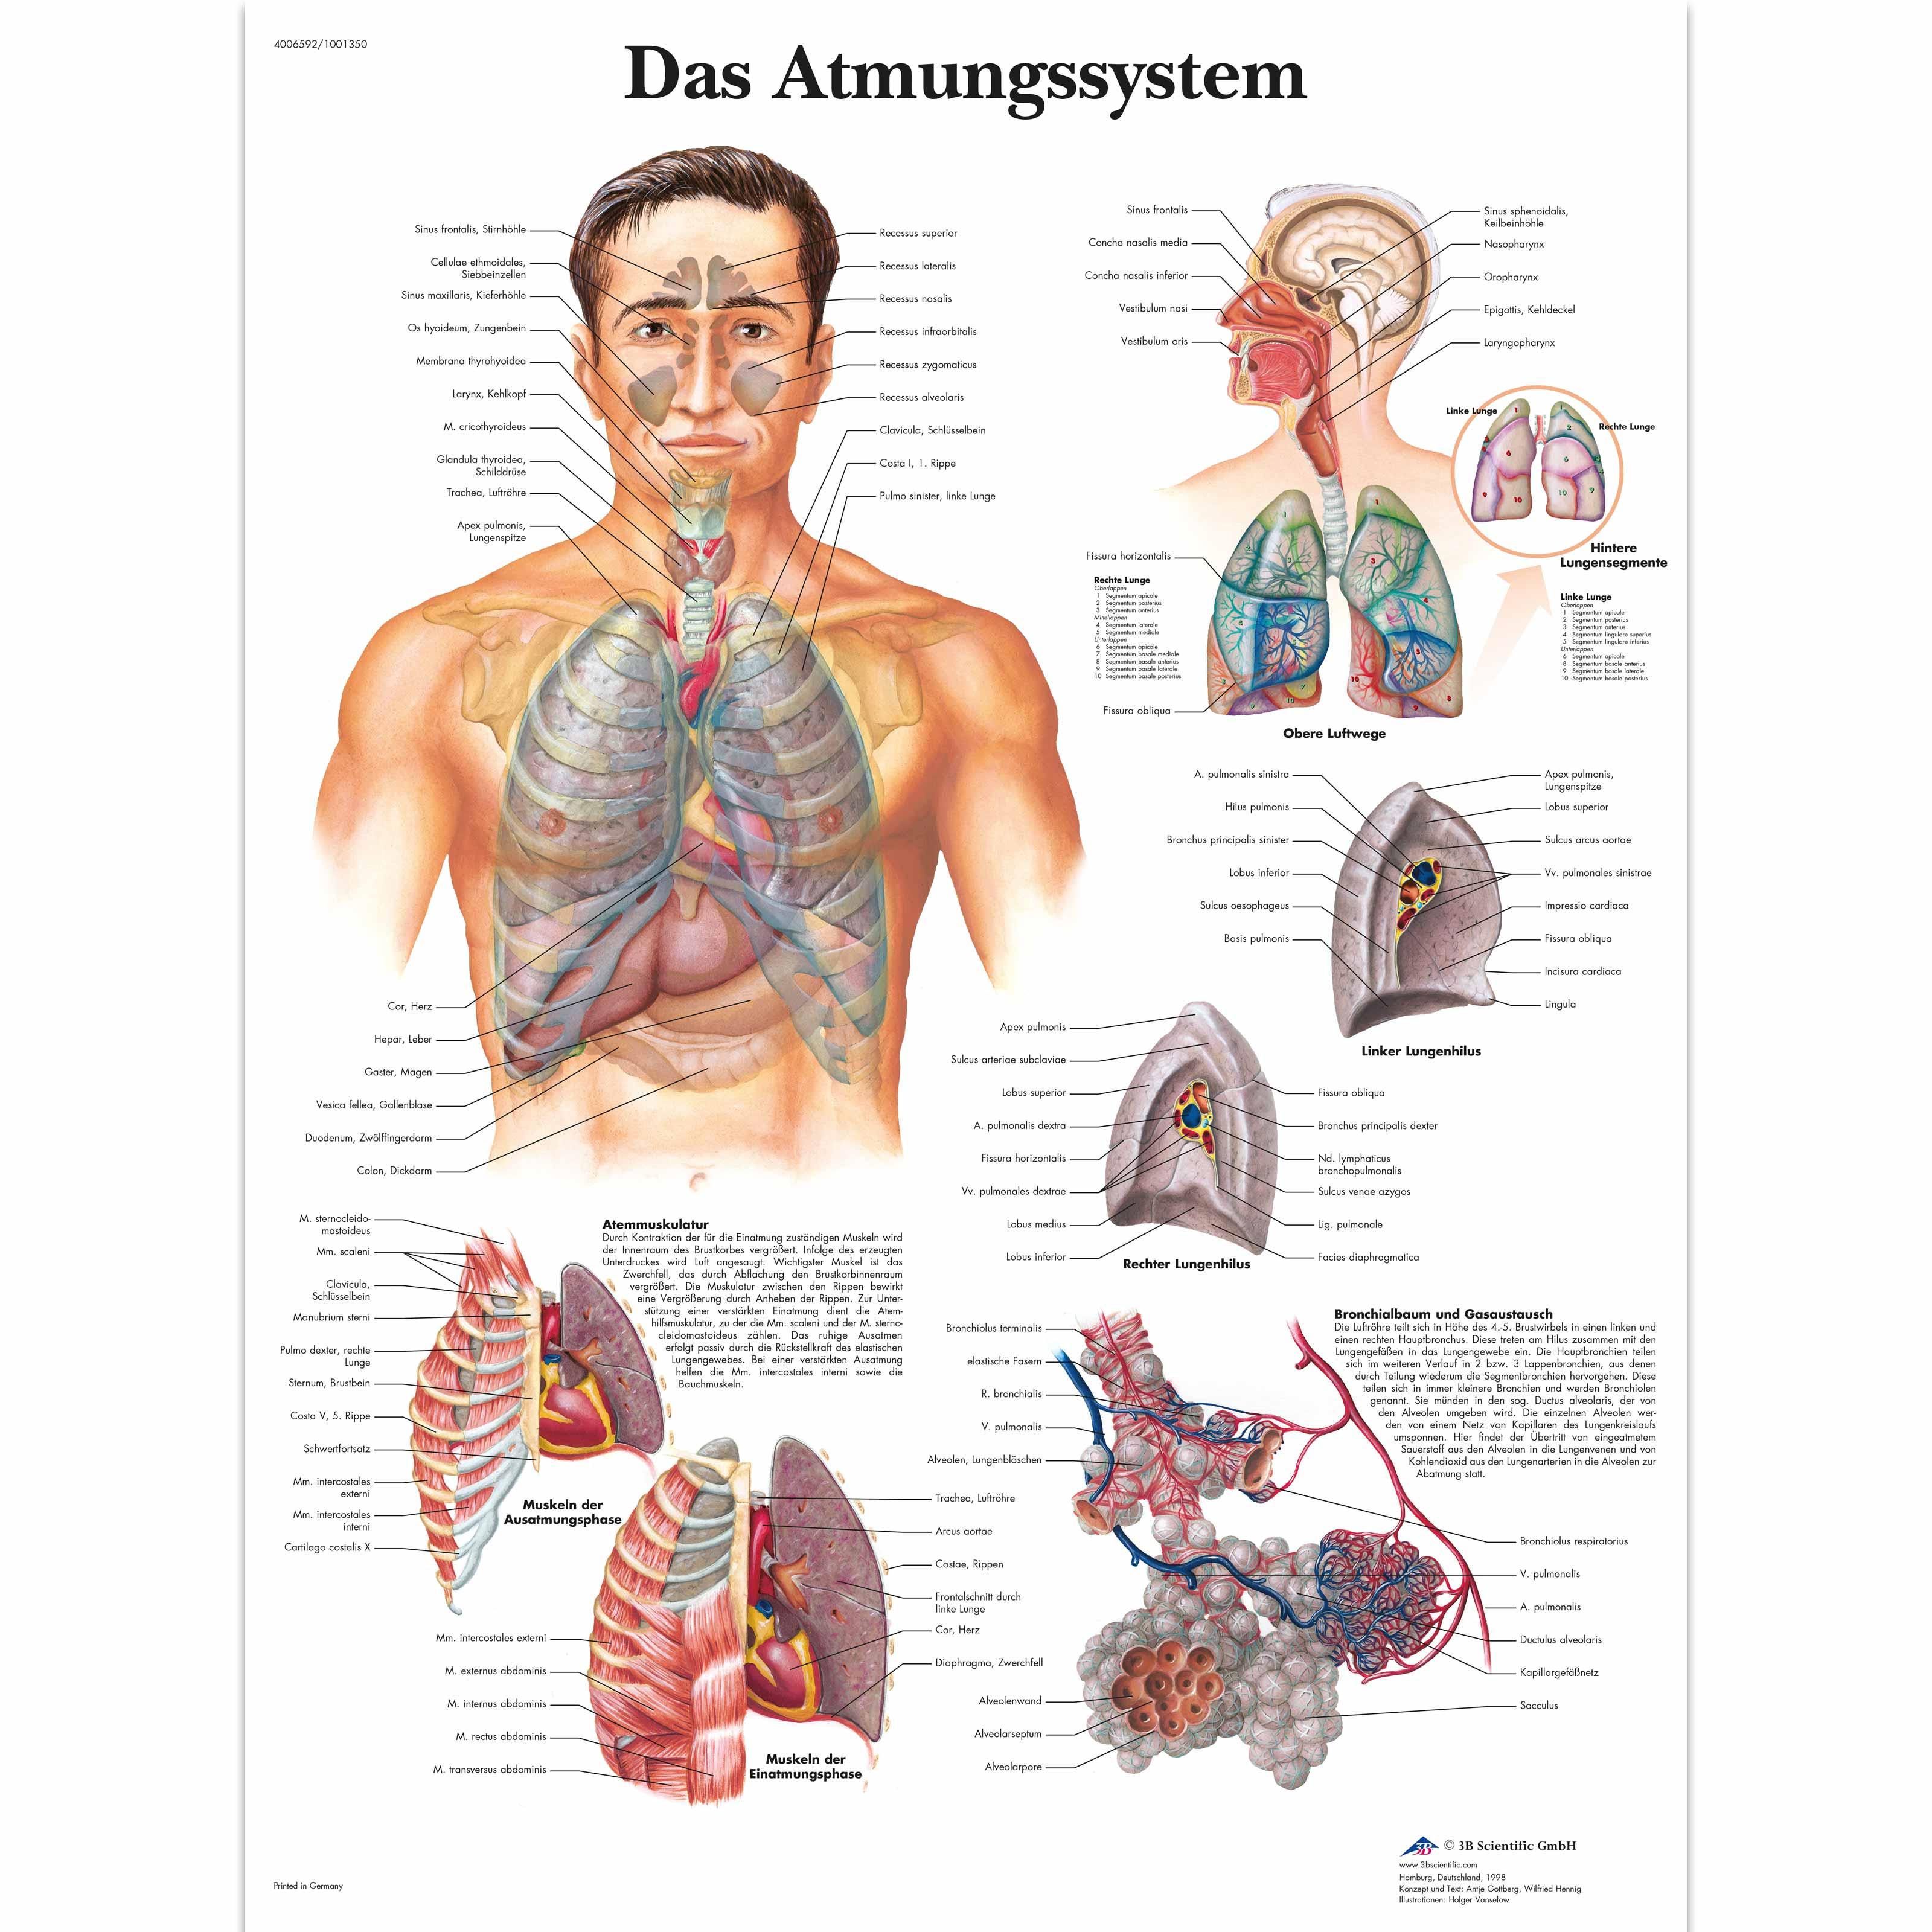 Lehrtafel - Das Atmungssystem - 4006592 - VR0322UU - Atmungssystem ...